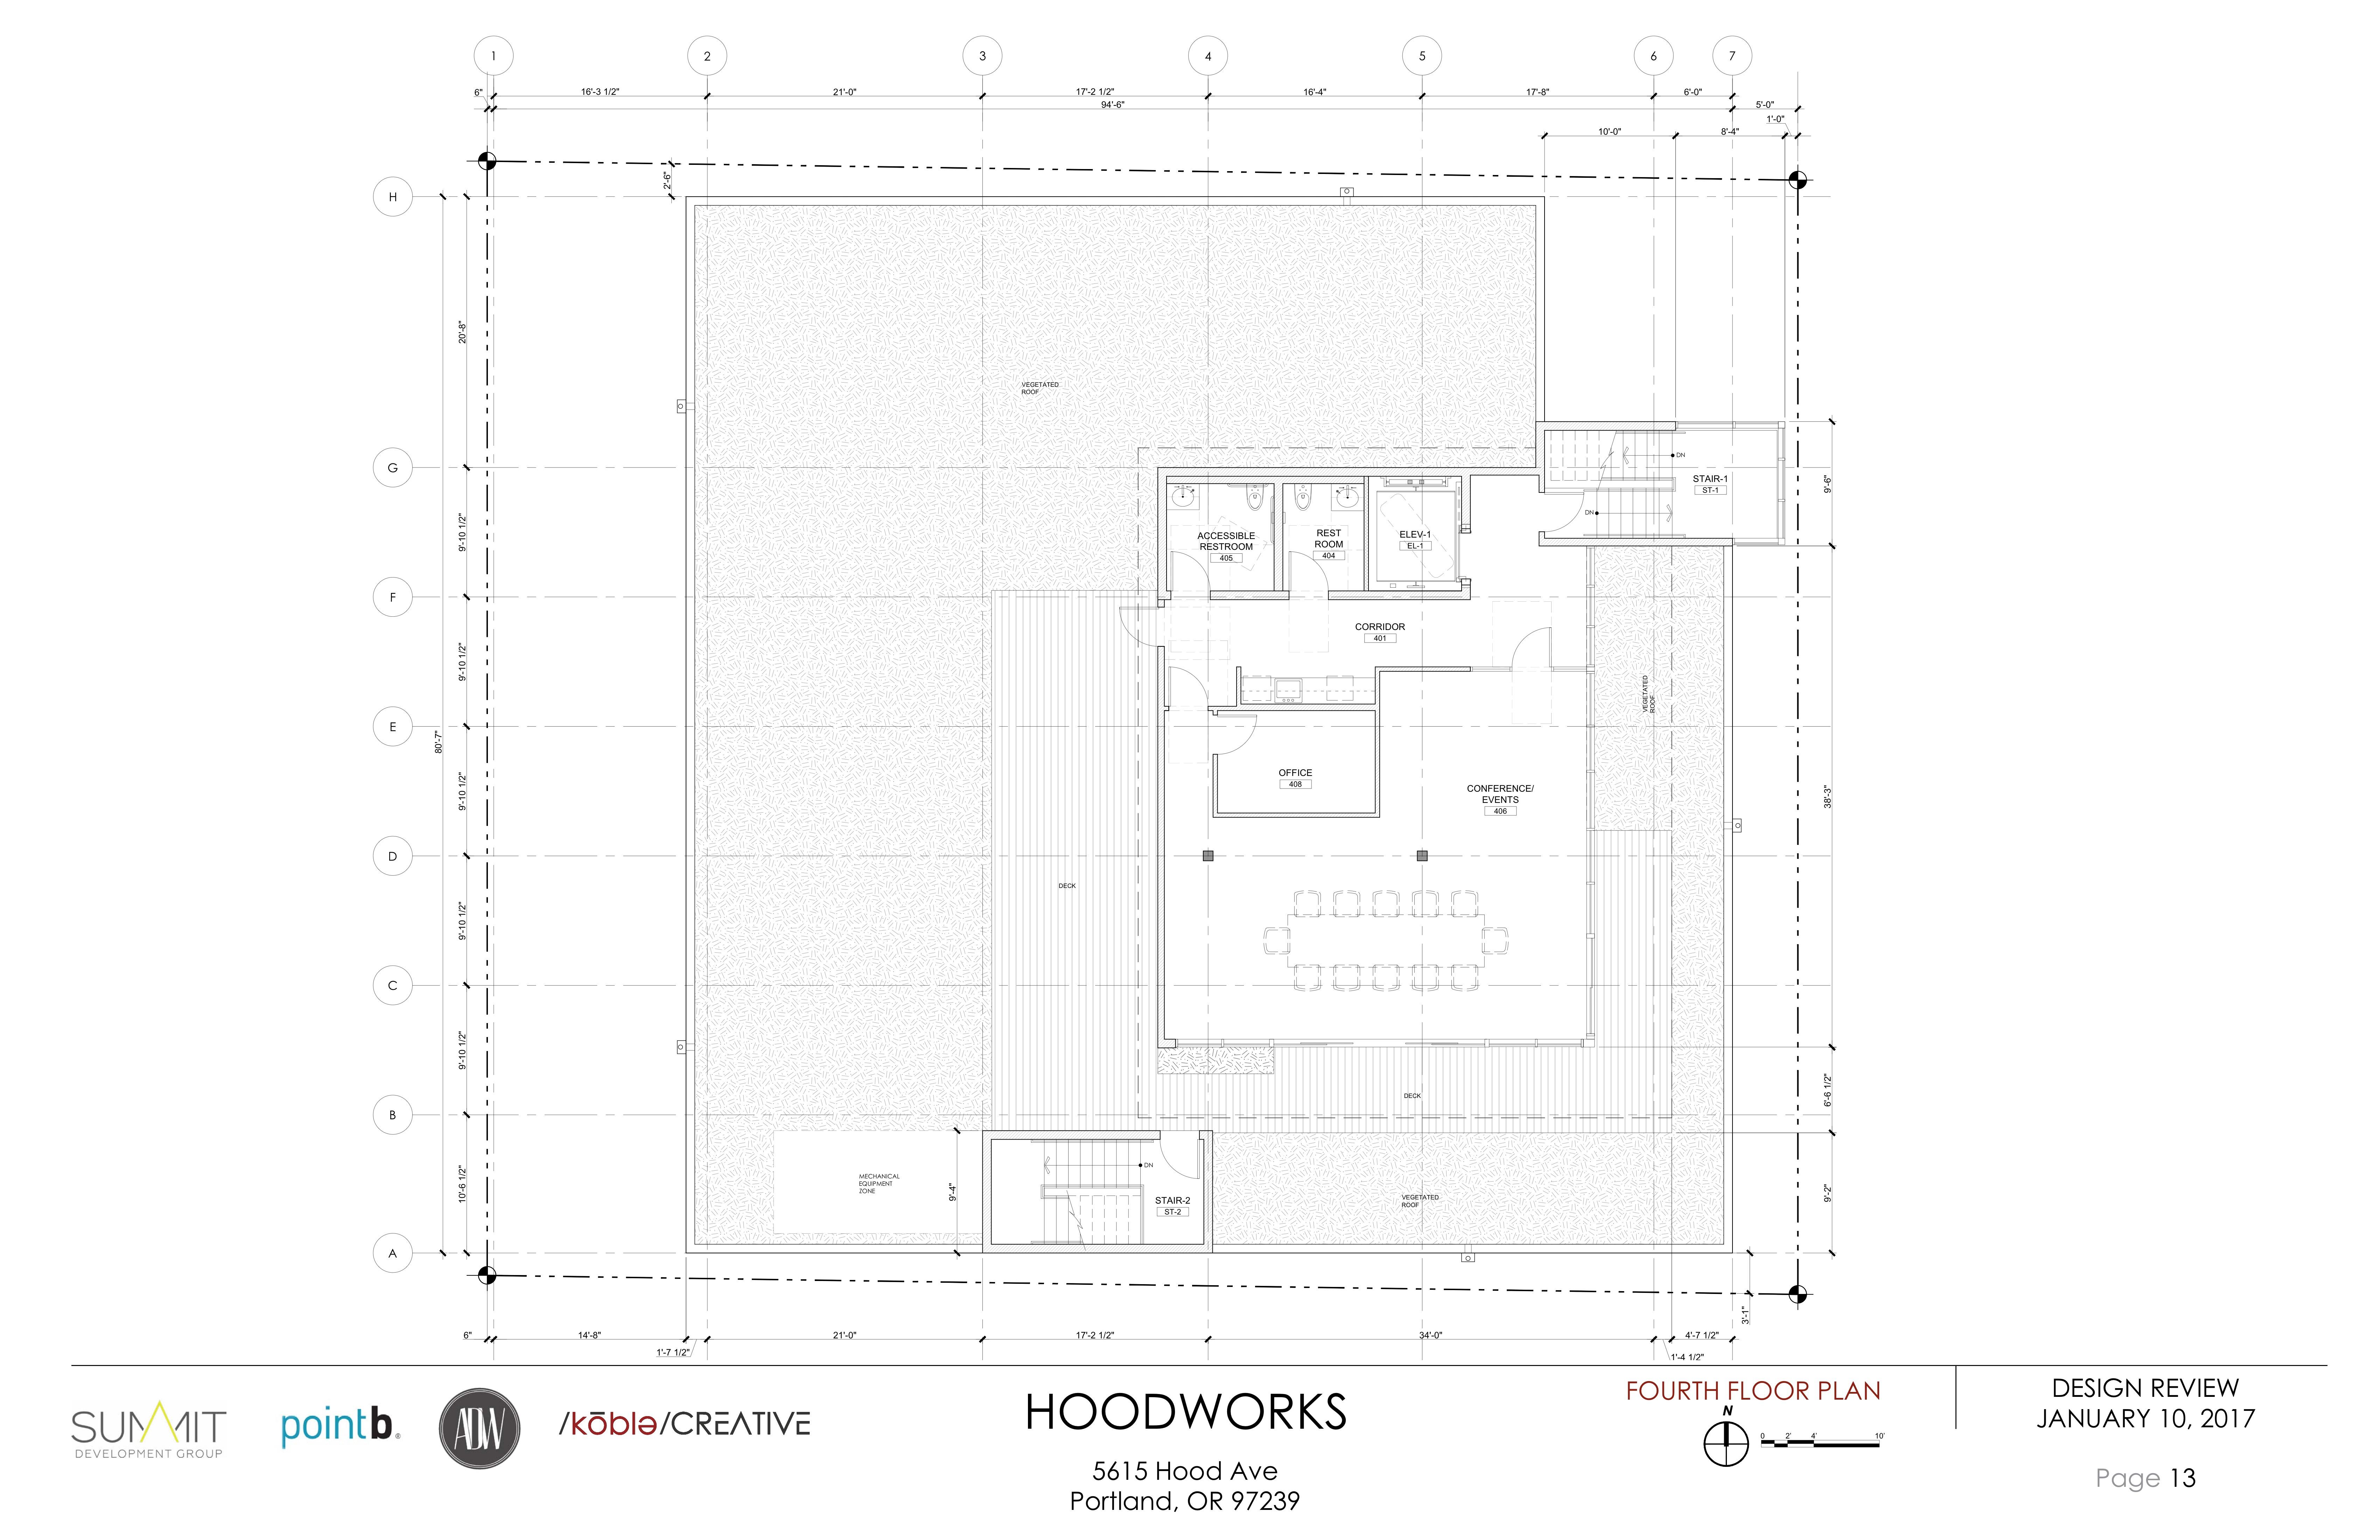 Hoodworks